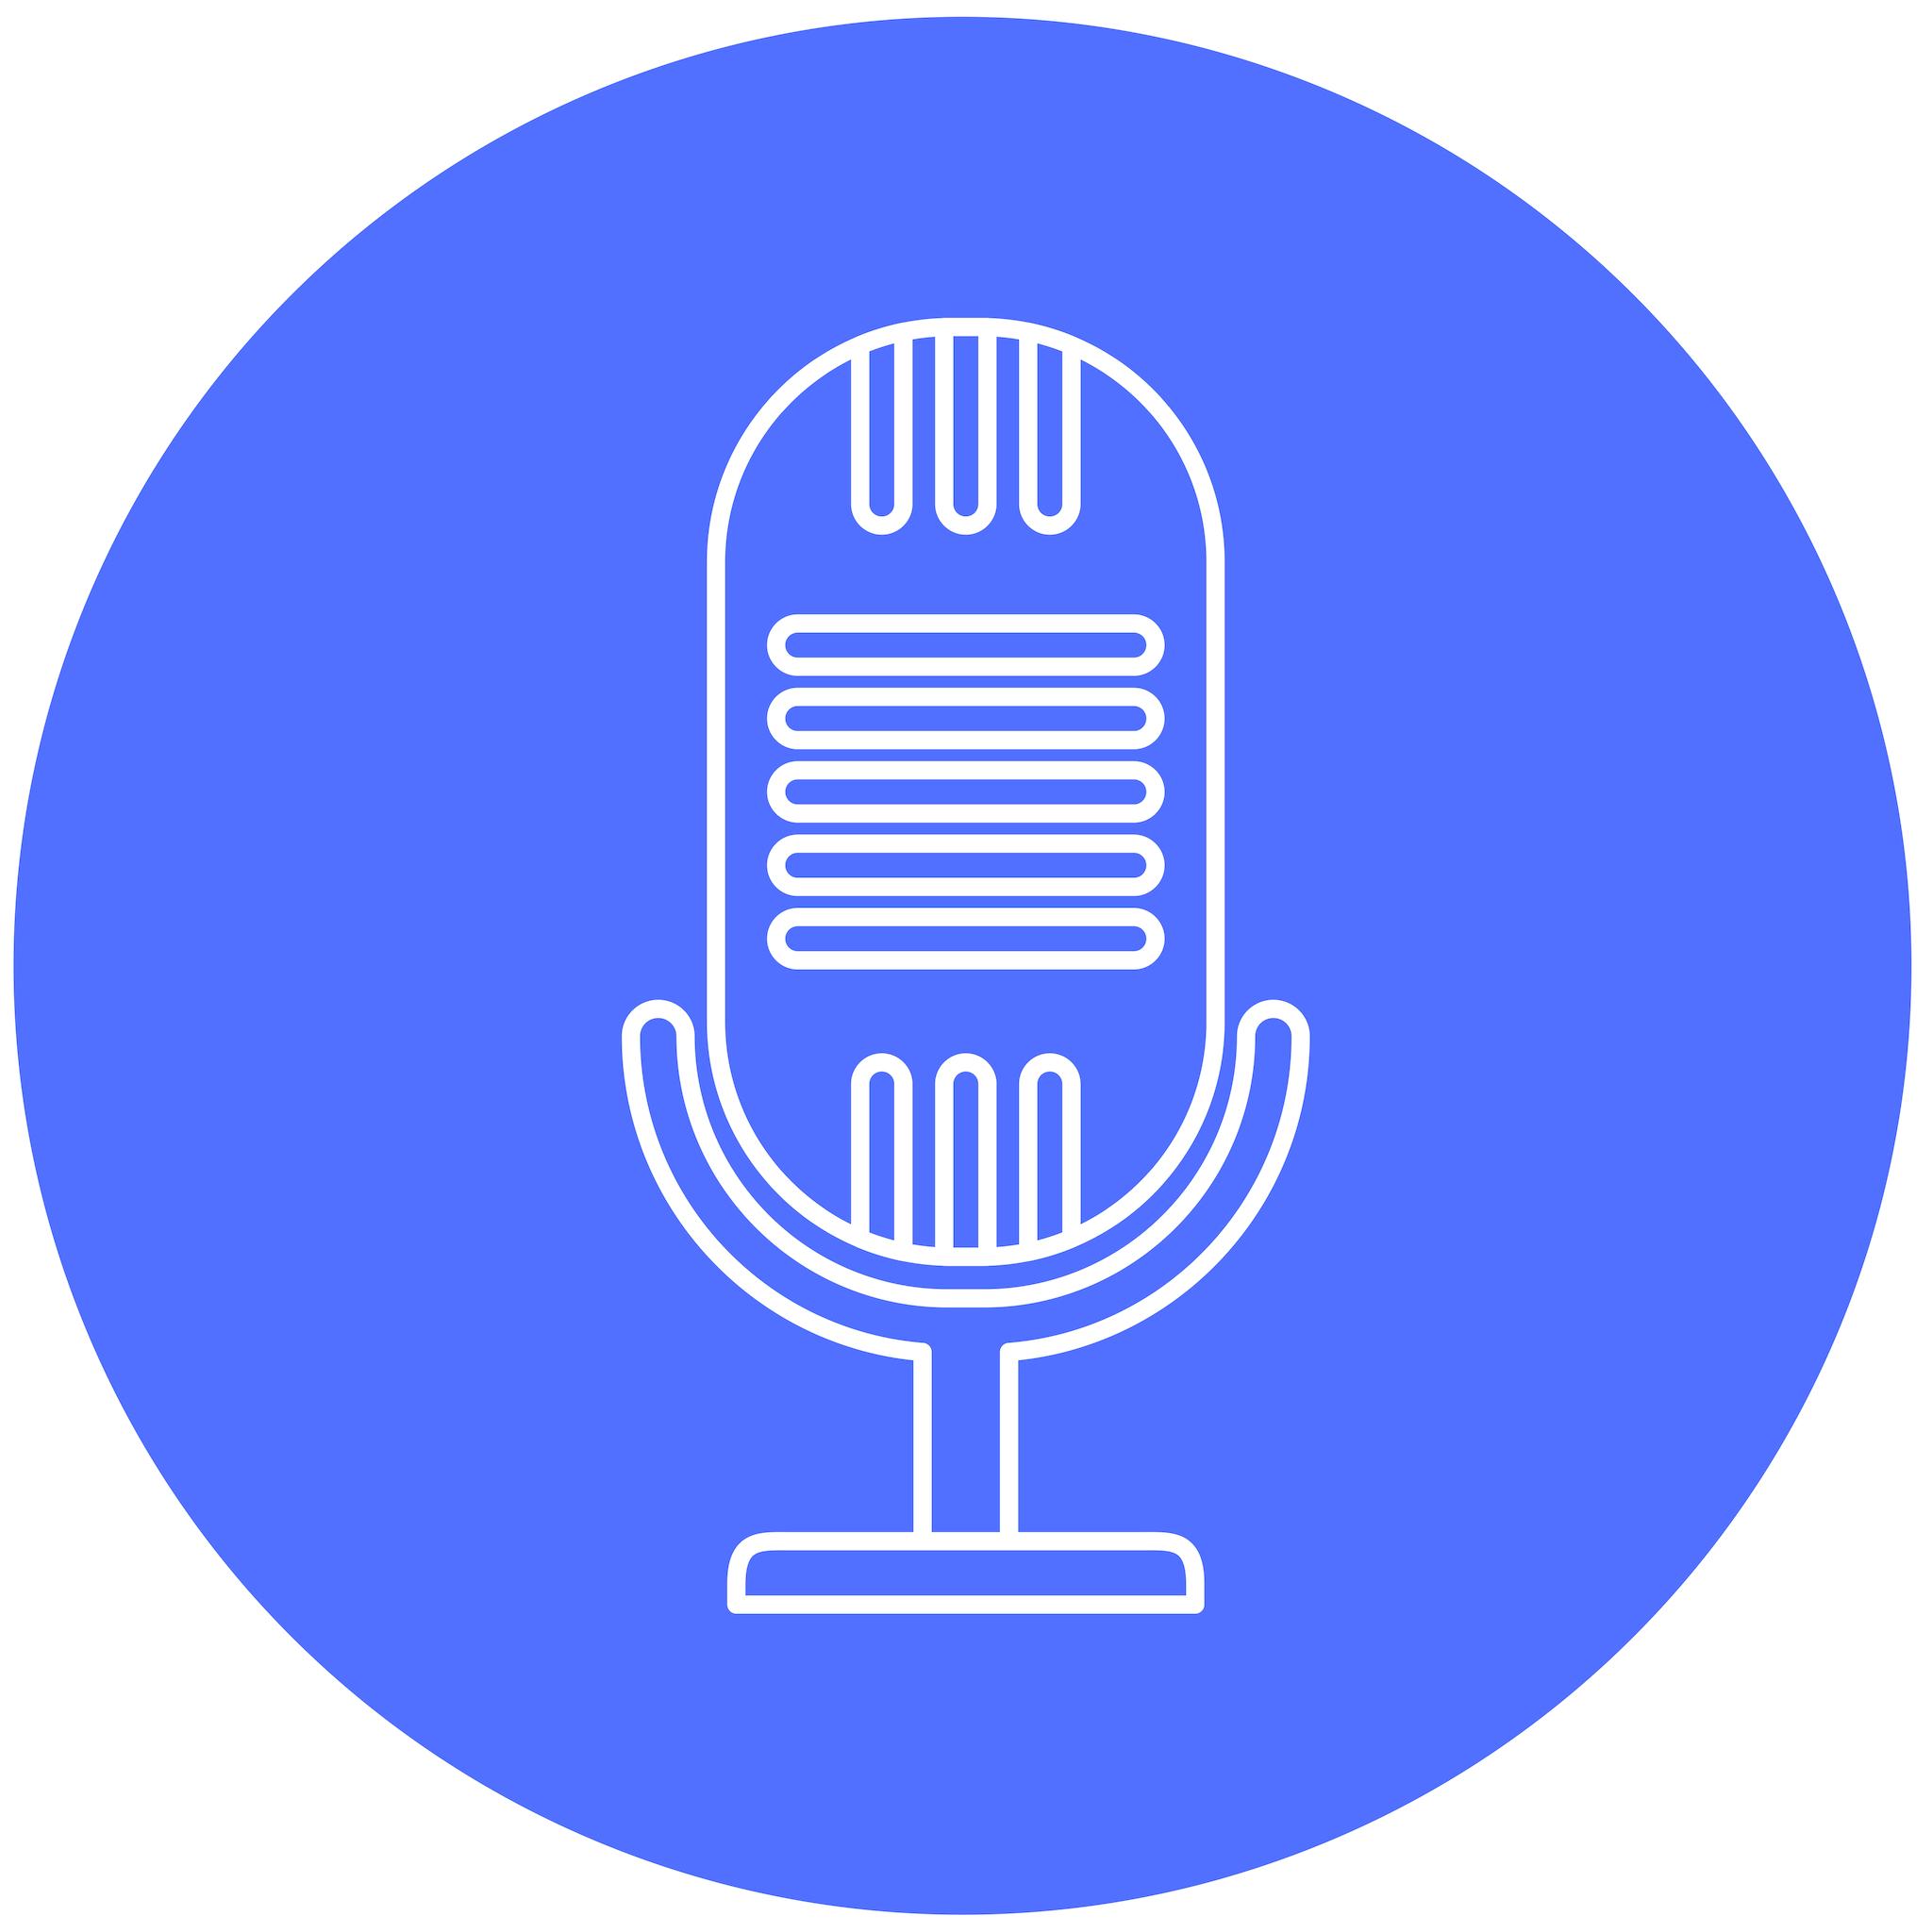 gerti_gligor_podcast_postproduction_skill.jpg